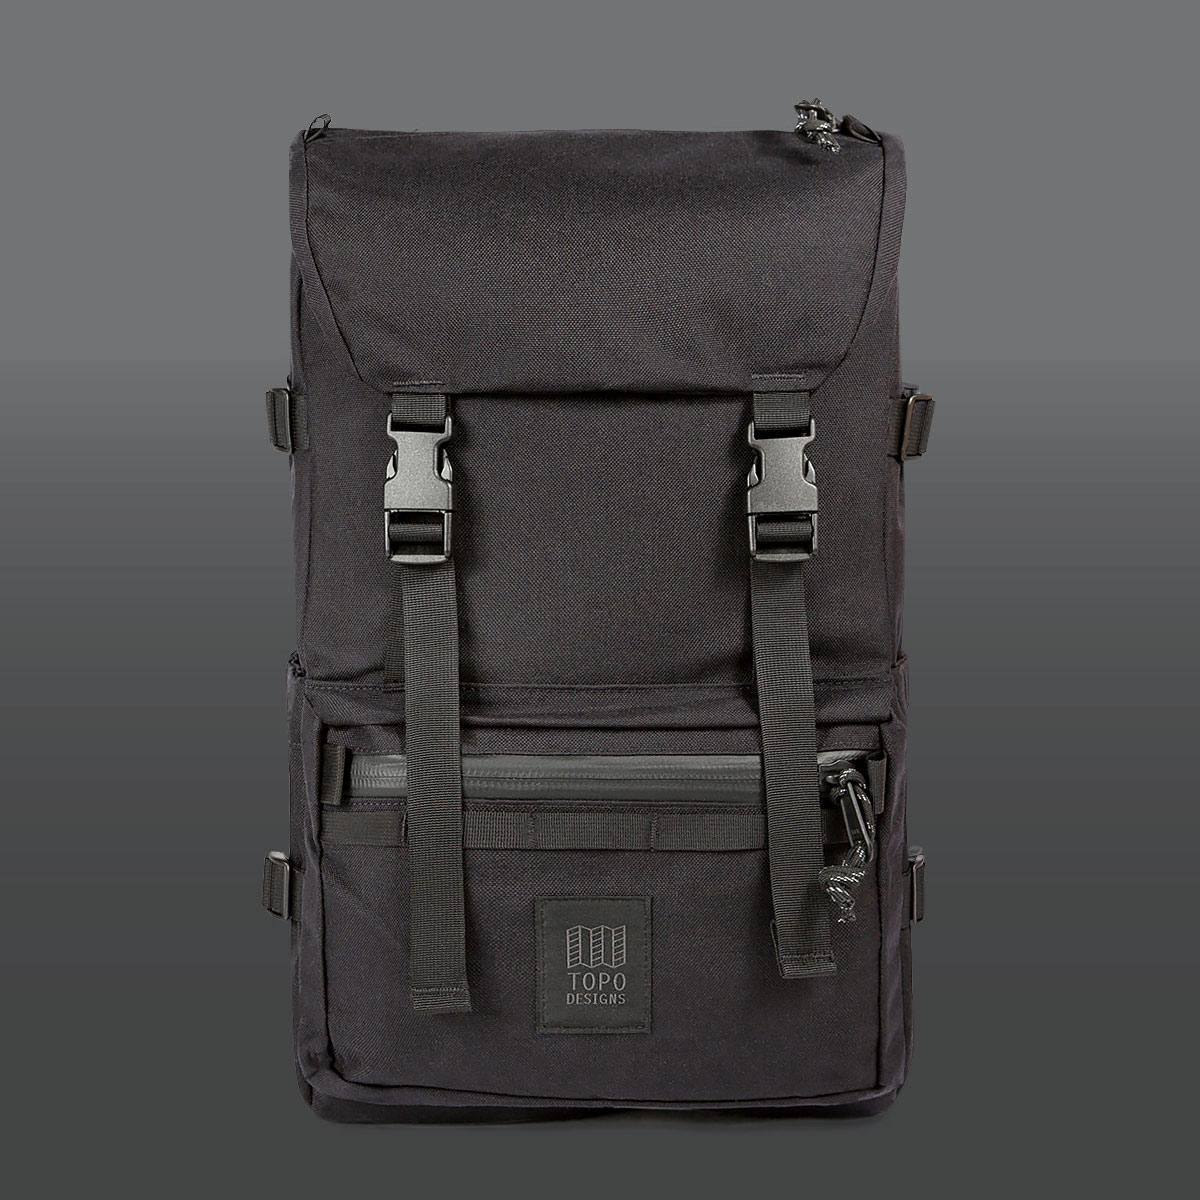 Topo Designs Rover Pack Tech Black, tijdloze rugzak met moderne functionaliteiten voor dagelijks gebruik